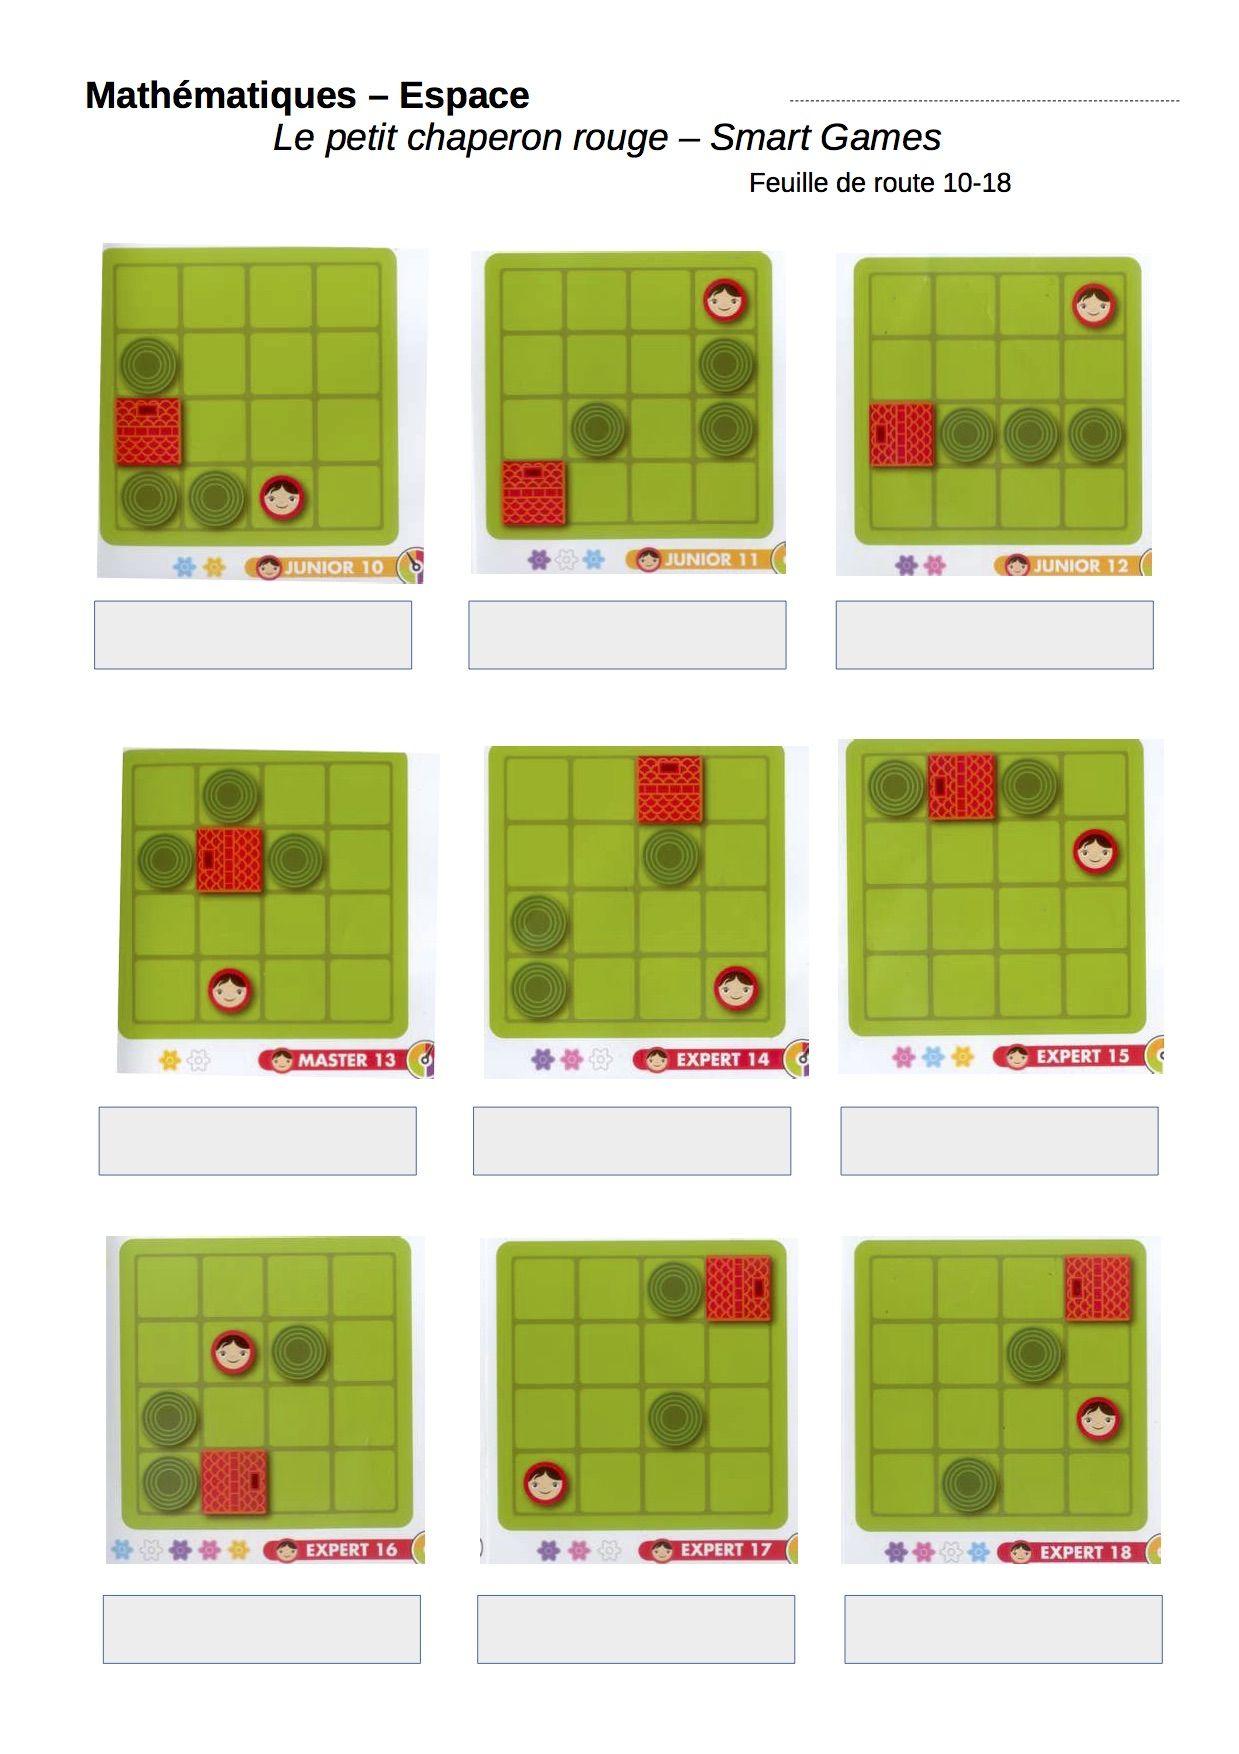 Le Petit Chaperon Rouge Smart Games : petit, chaperon, rouge, smart, games, Mathématiques, Rotkäppchen